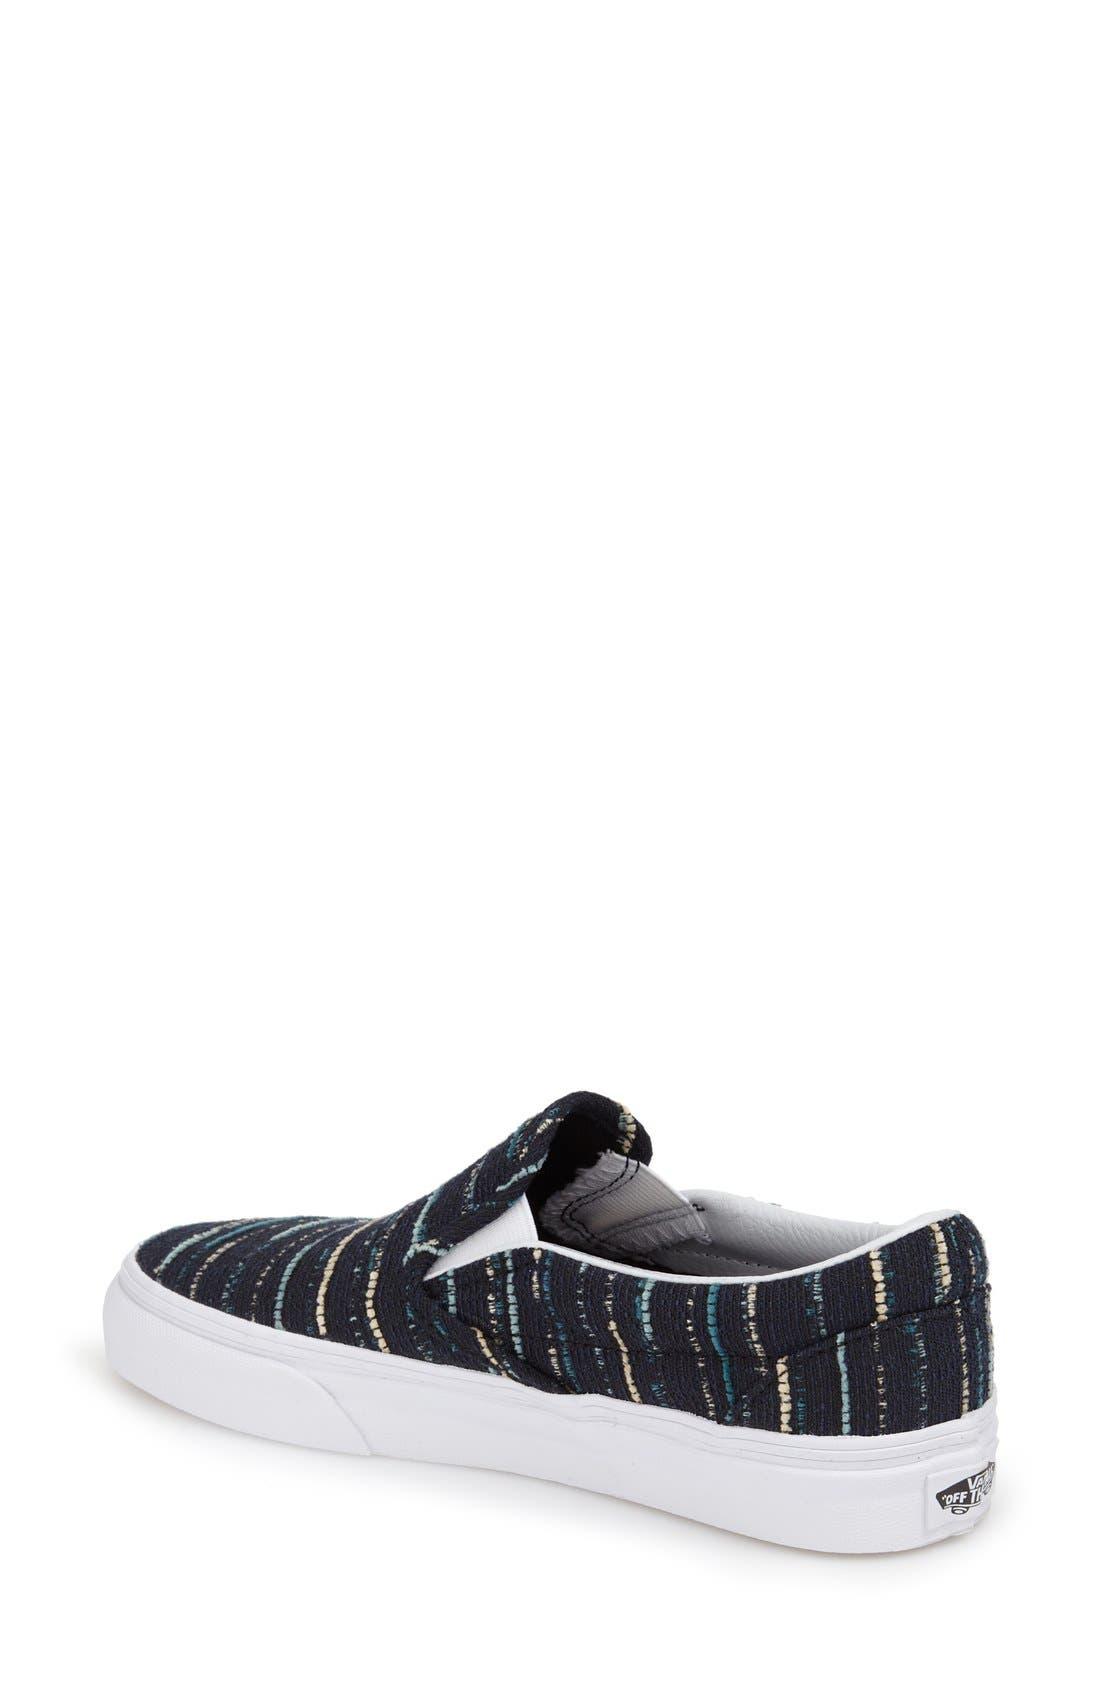 Alternate Image 2  - Vans Classic Slip-On Sneaker (Women)